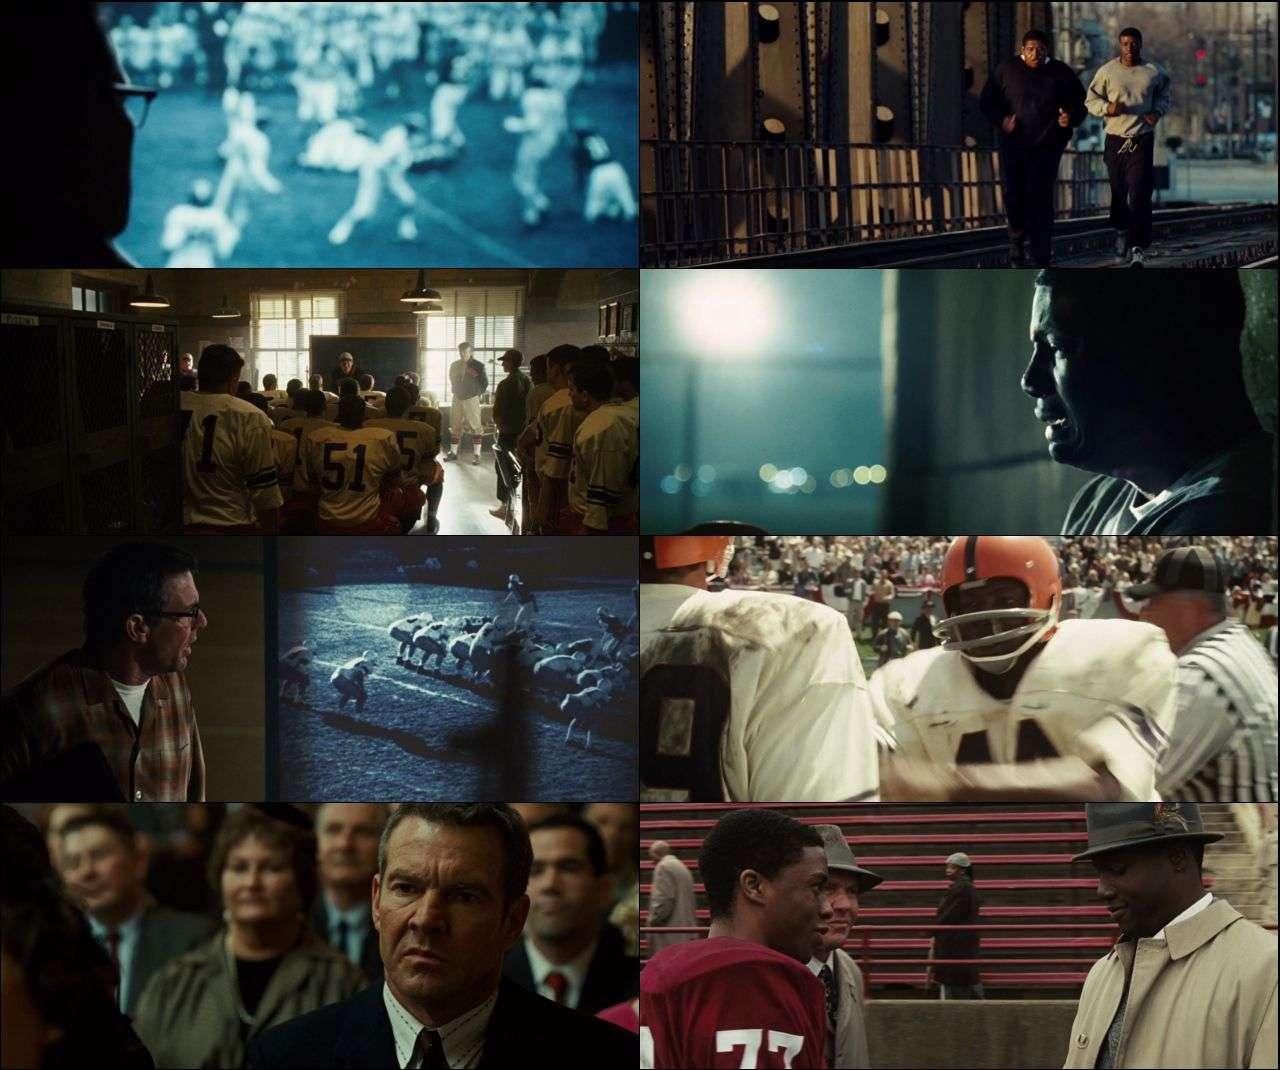 Ekspres - The Express (2008) türkçe dublaj film indir